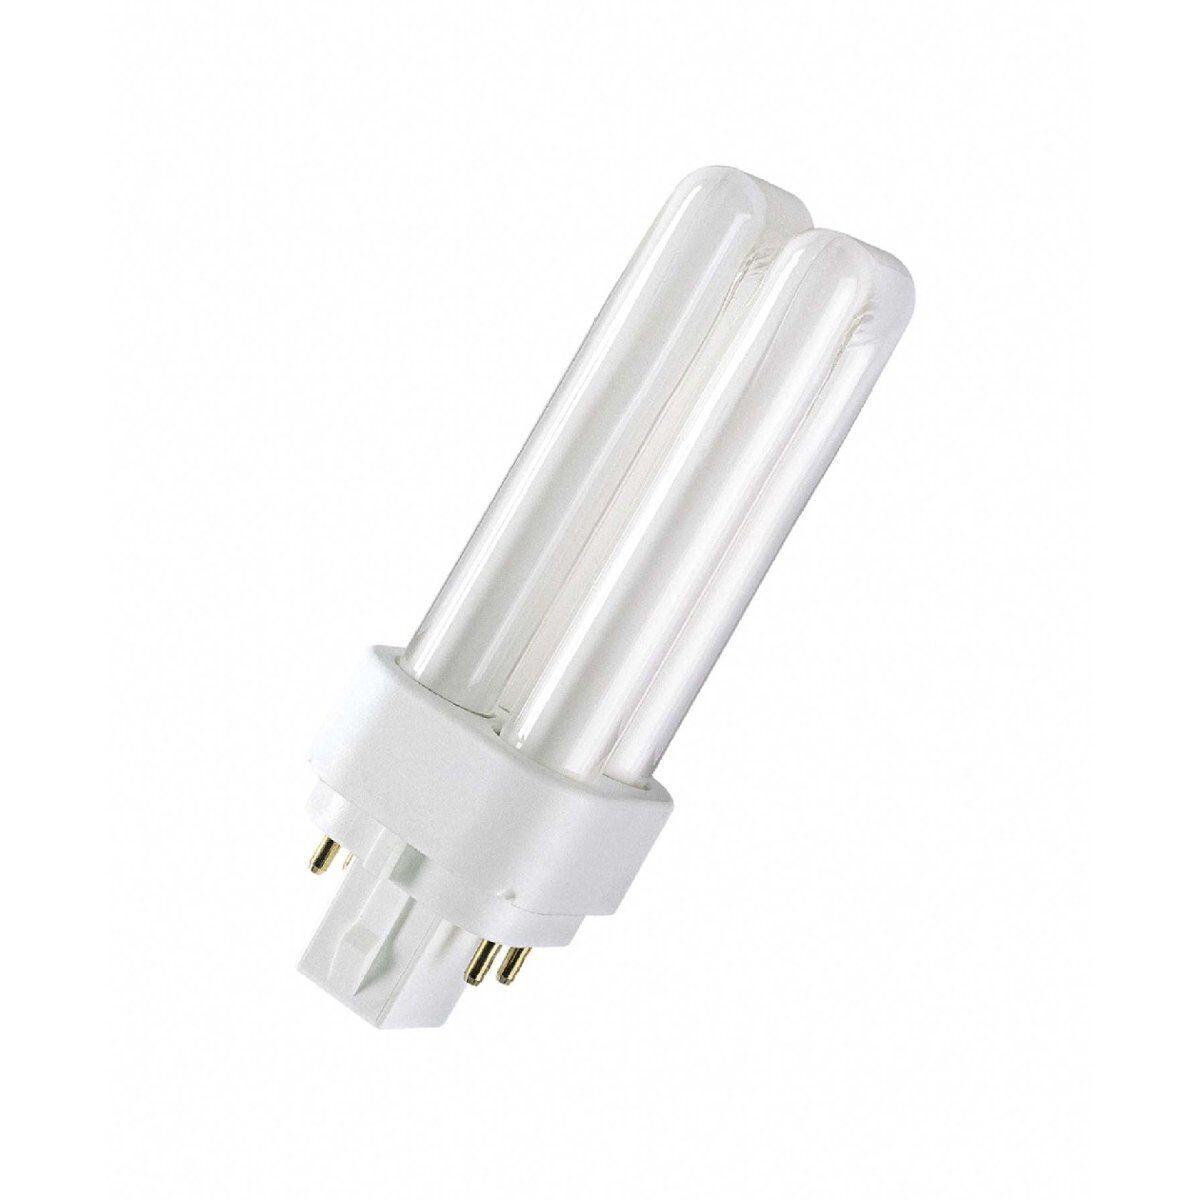 Osram Lampada Fluorescente Compatta Dulux D   e e e - G24q,840 Bianco Neutro - 26W - 33b199